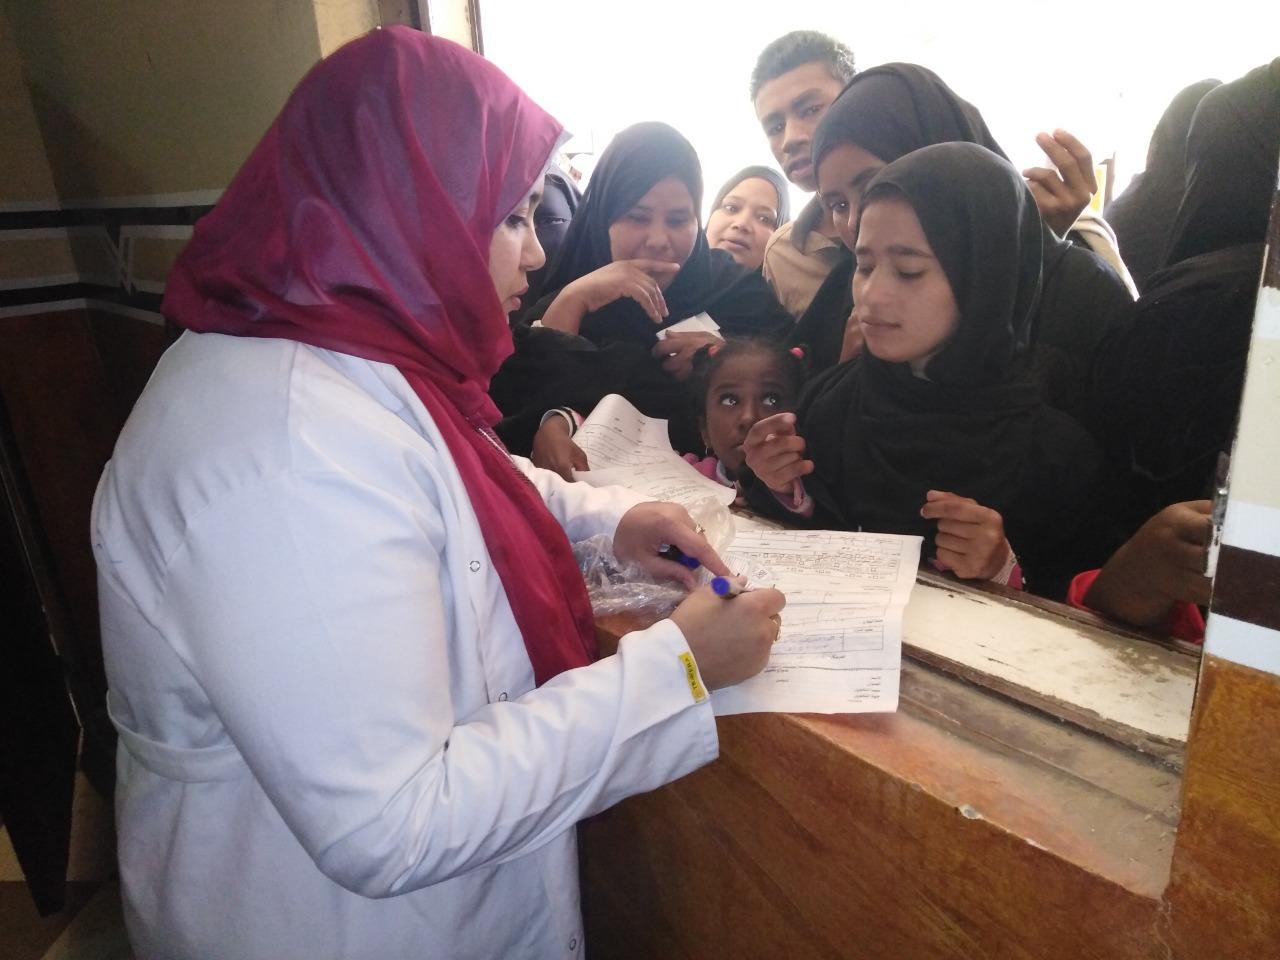 توقيع الكشف الطبى على المواطنين بالقاقلة الطبية (3)